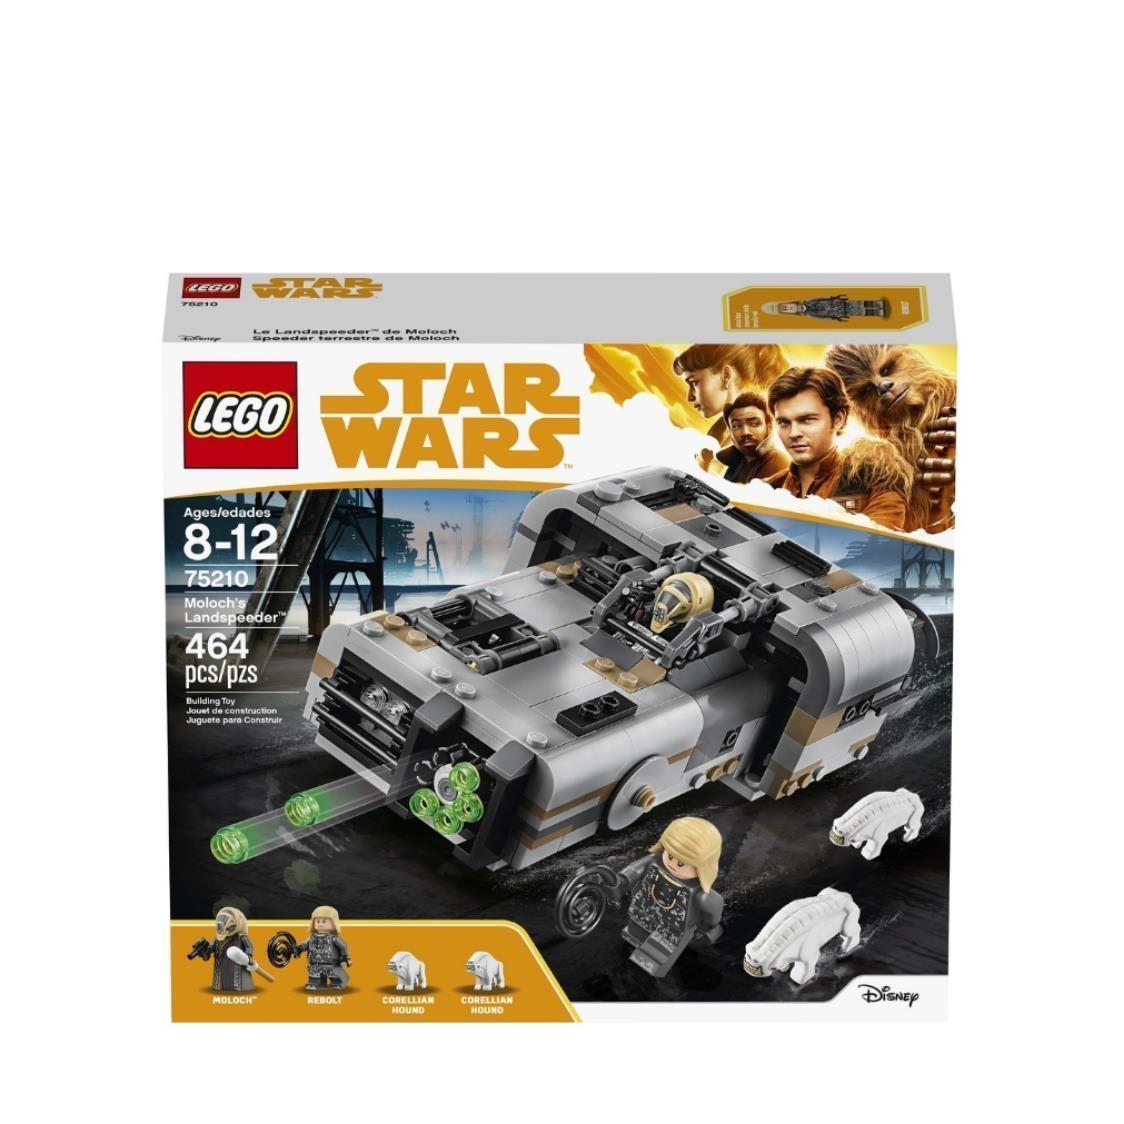 LEGO Star Wars - Molochs Landspeeder 75210 V29